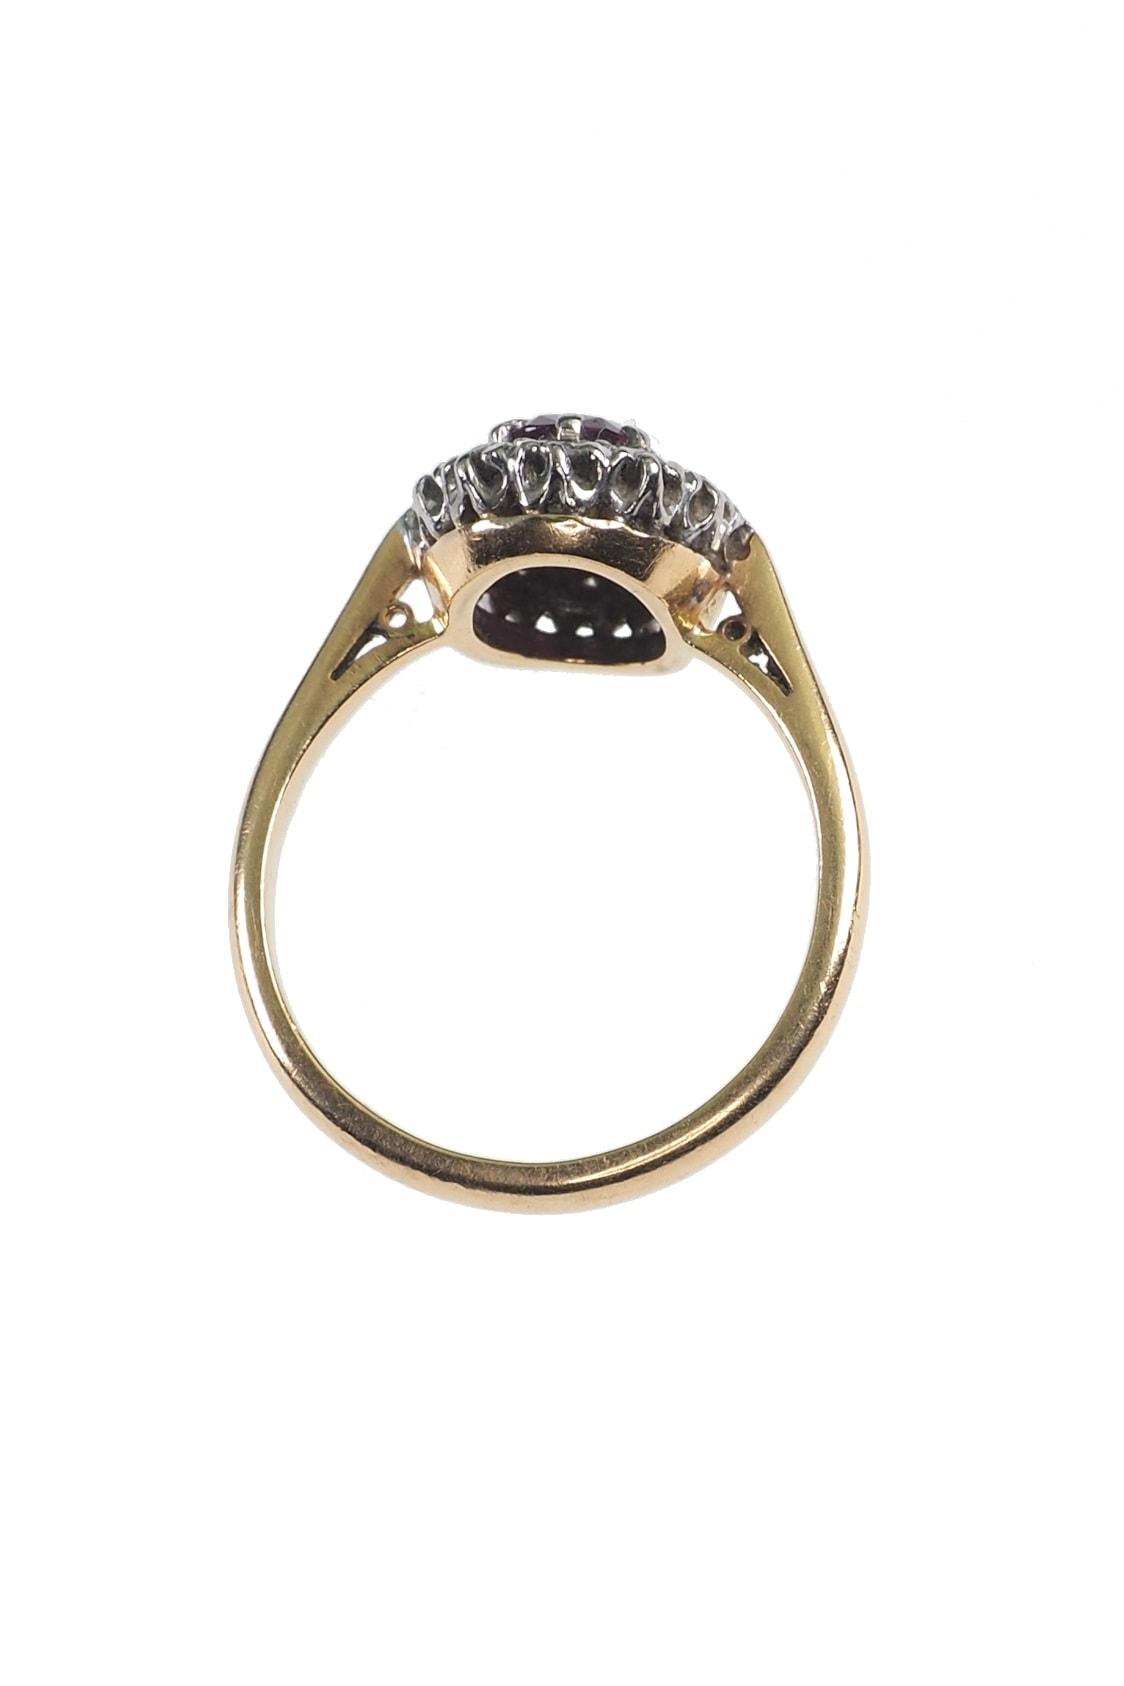 Verlobungsringe-online-kaufen-2492c